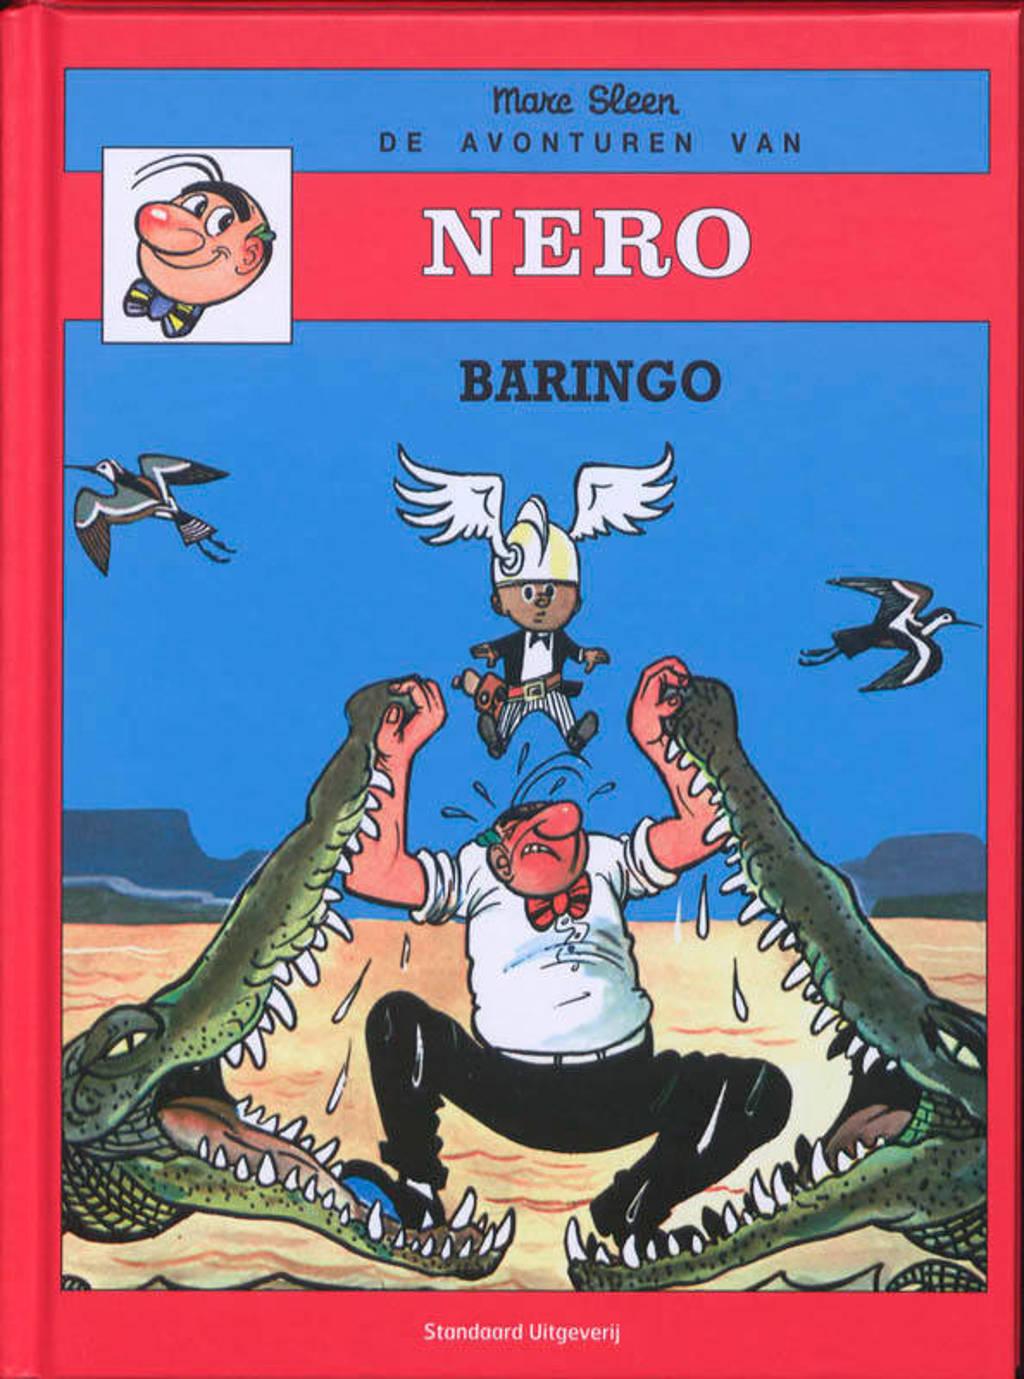 De avonturen van Nero: Baringo - Marc Sleen